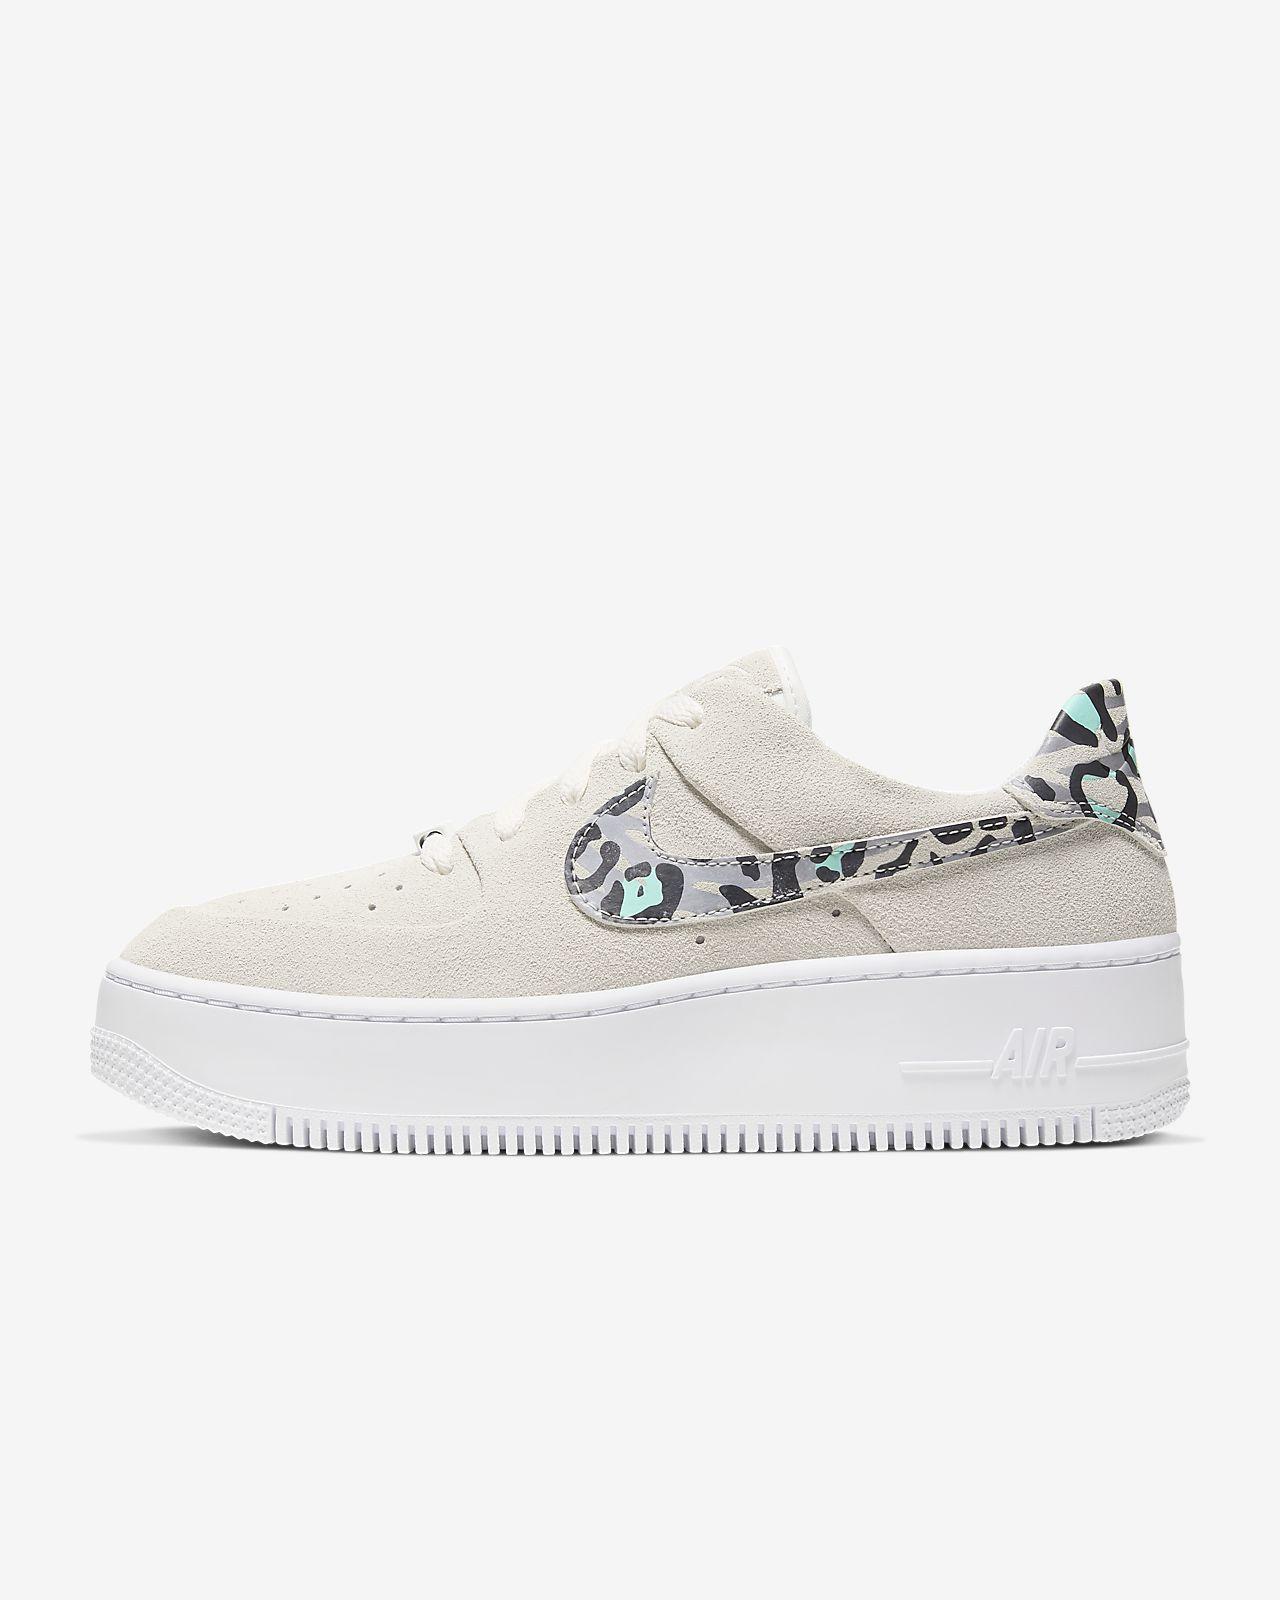 Sko Nike Air Force 1 Sage Low med djurmönster för kvinnor